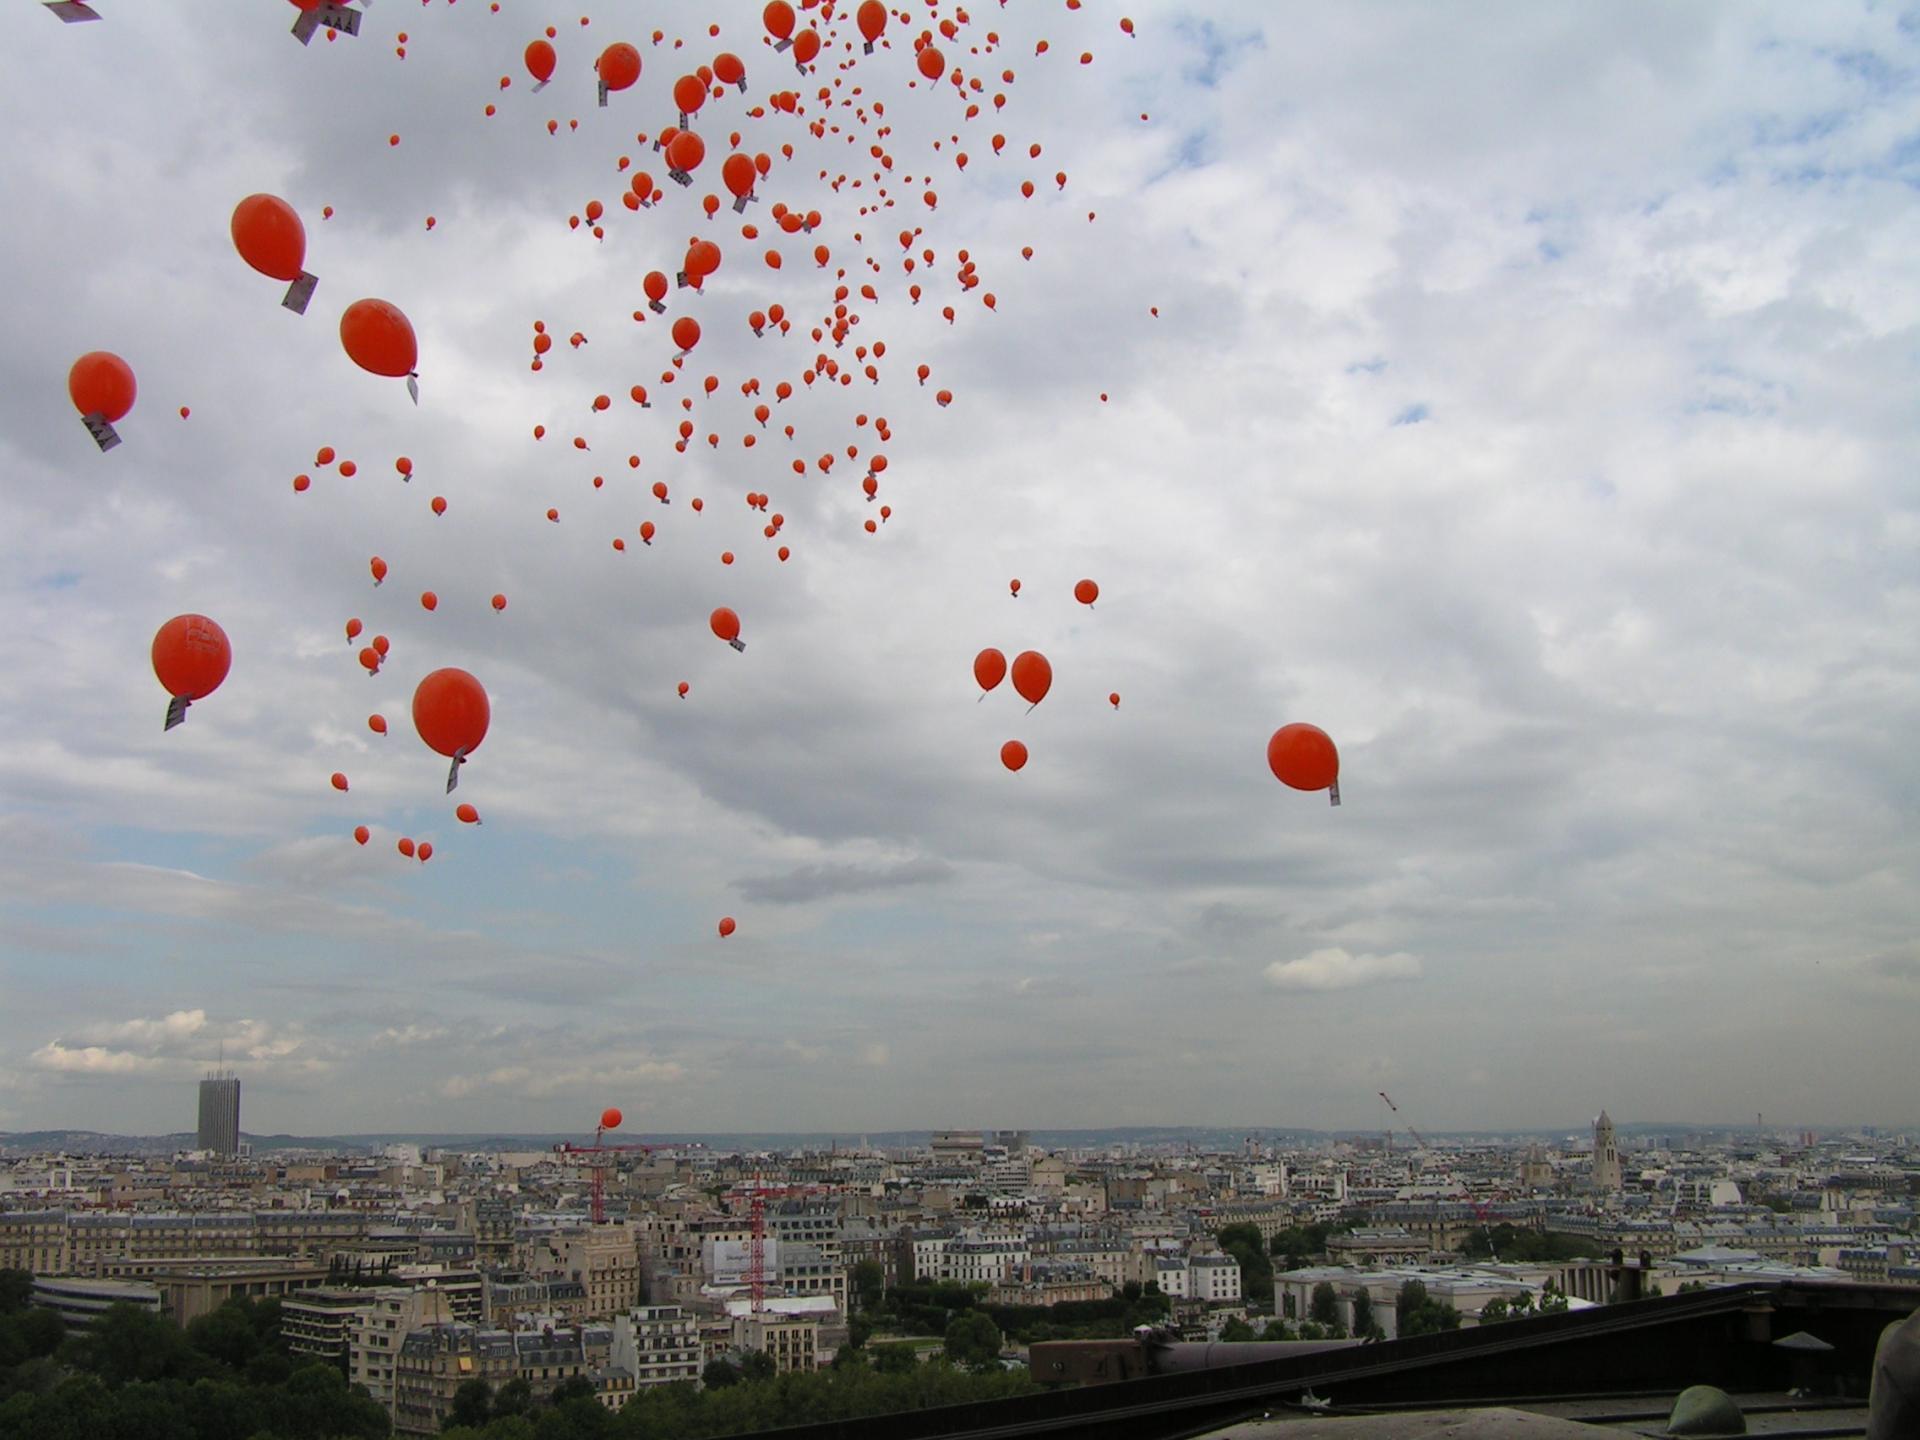 Ballons dans le ciel de Paris